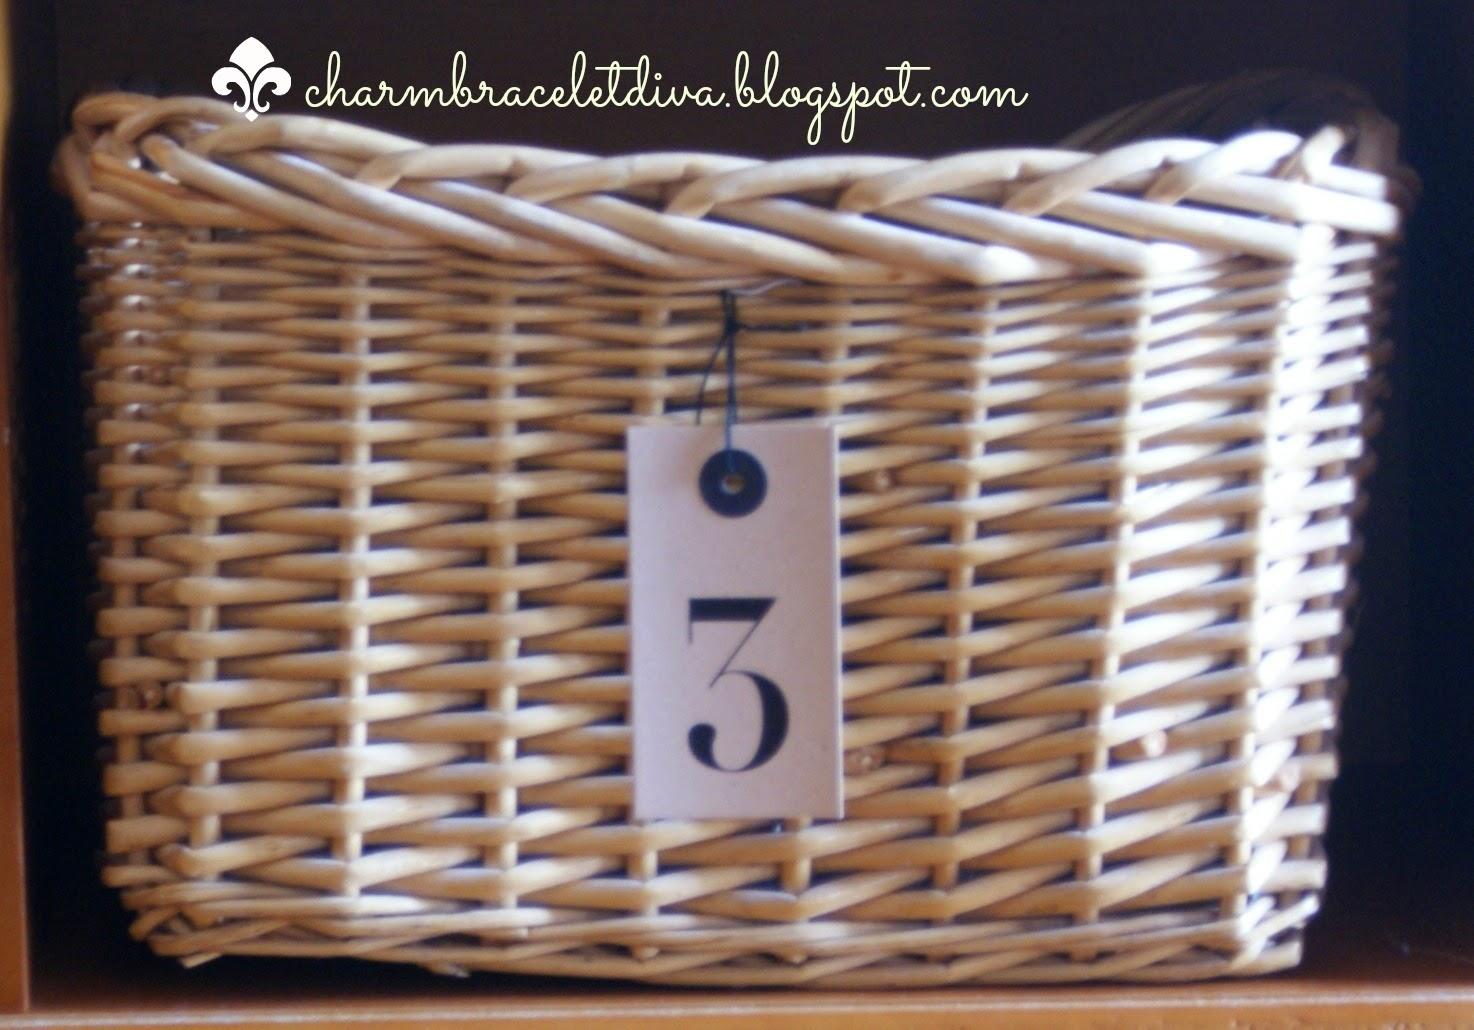 storage basket with number 3 preprinted tag